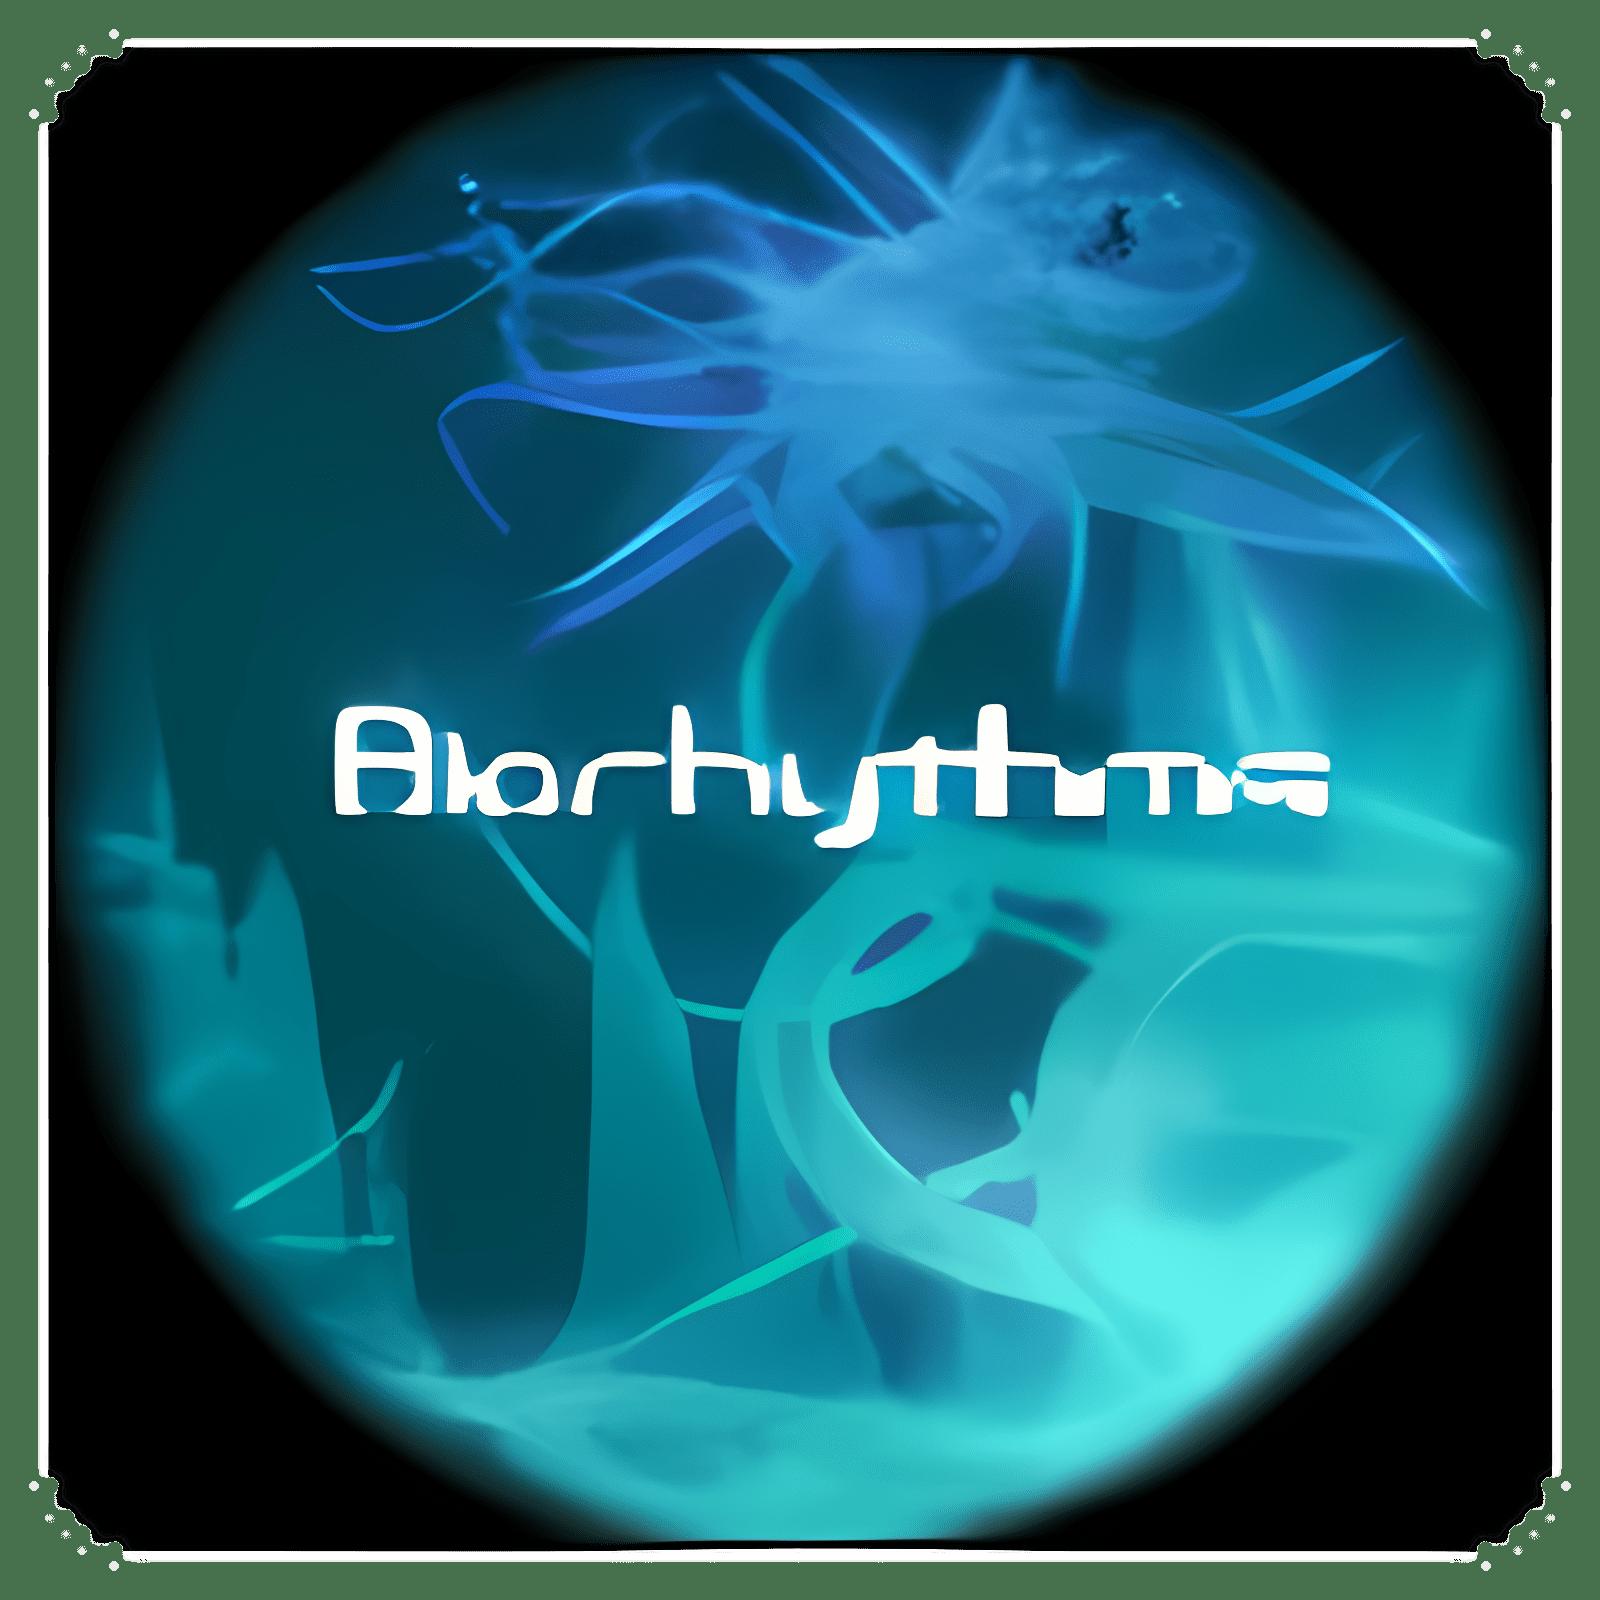 aOlej Biorhytm